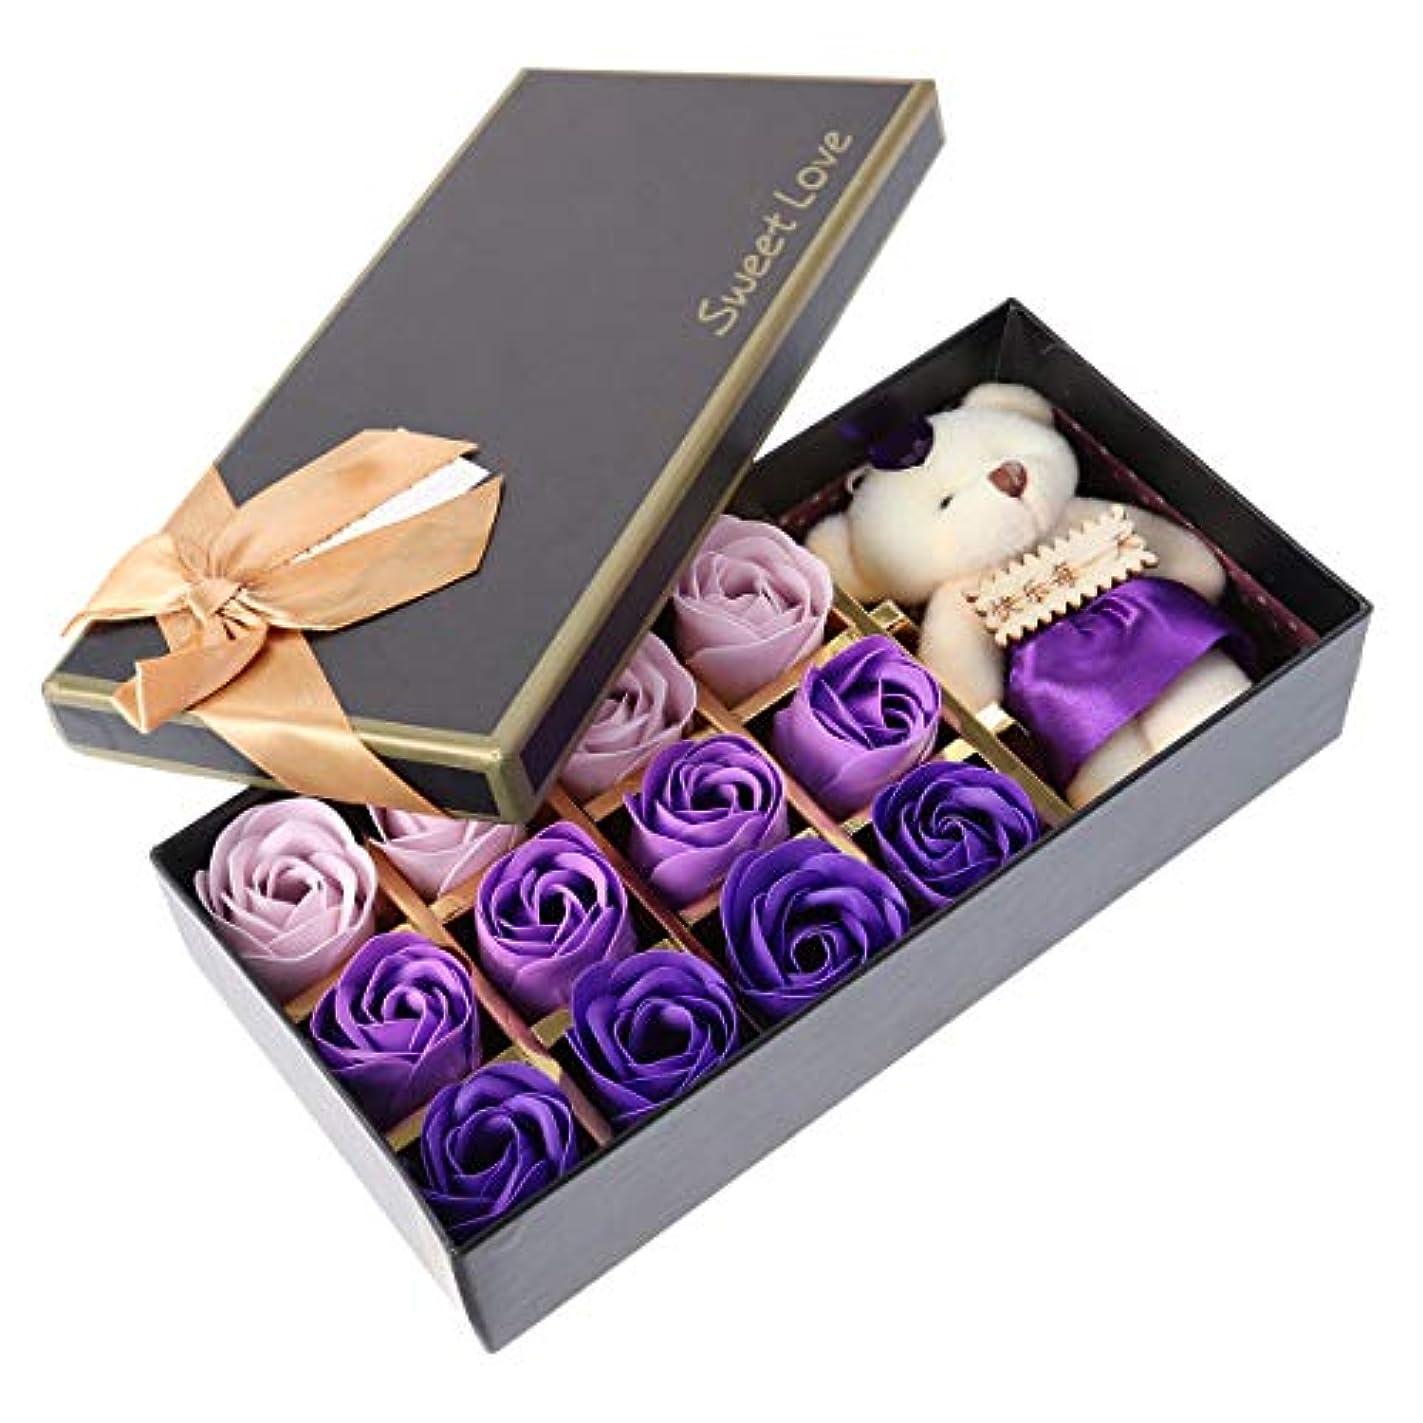 非アクティブとまり木軽蔑するBeaupretty バレンタインデーの結婚式の誕生日プレゼントのための小さなクマとバラの石鹸の花